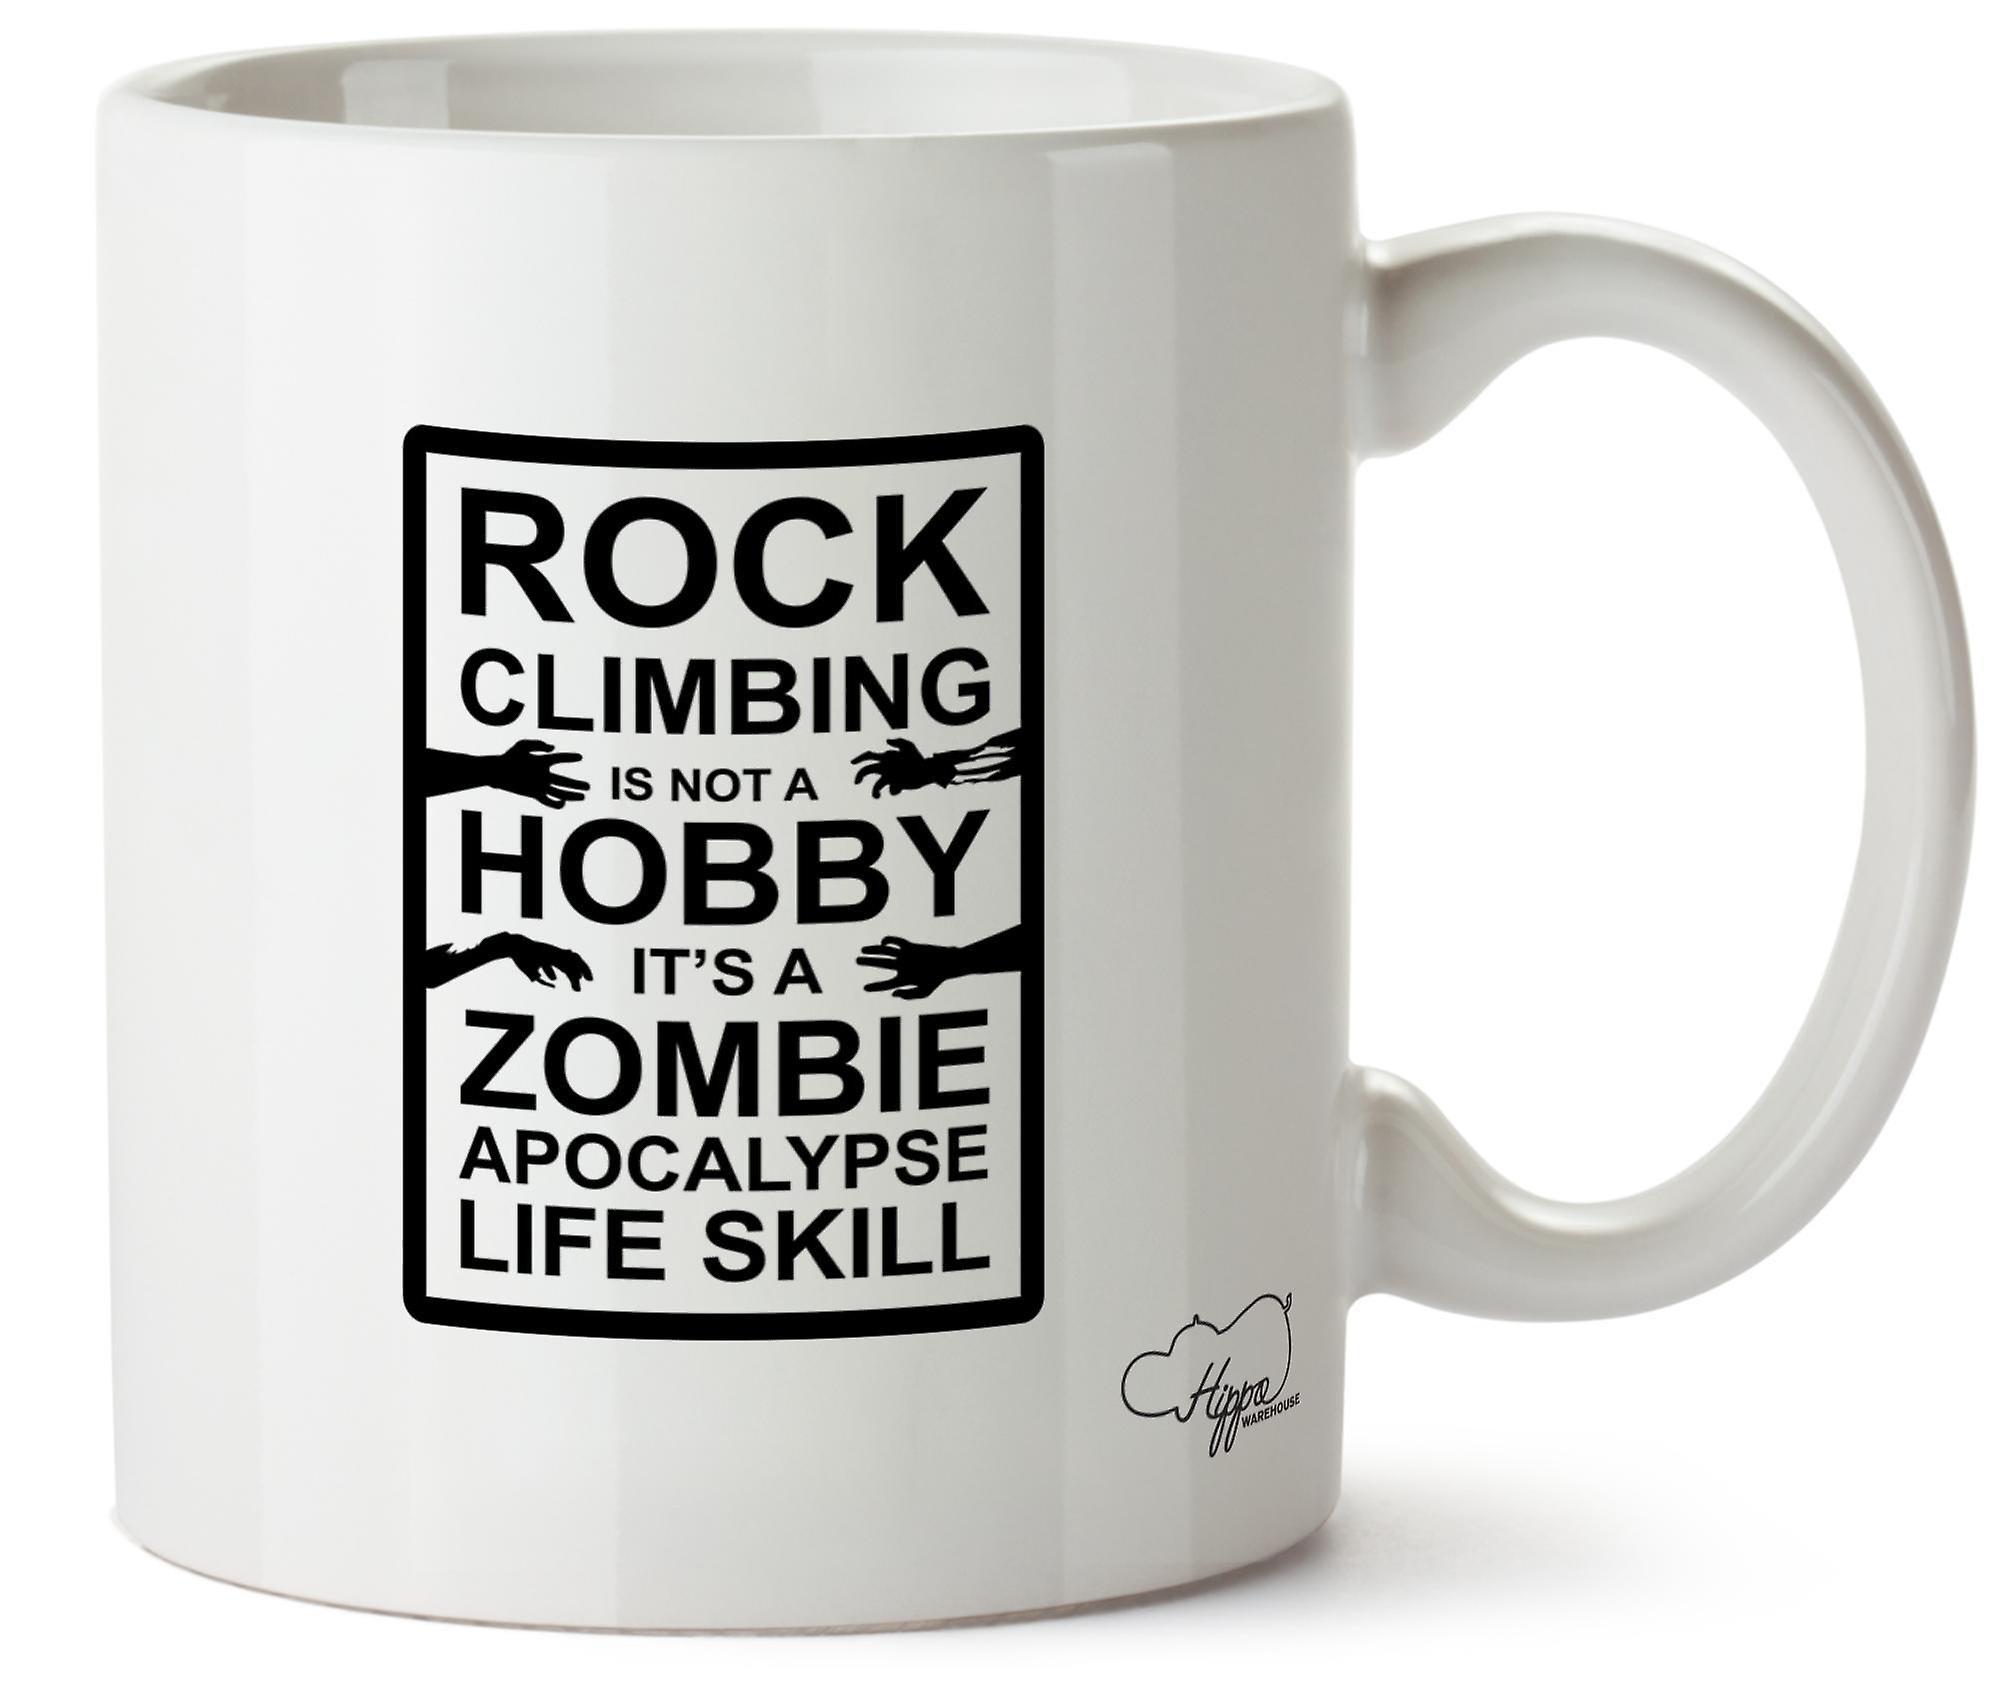 Hippowarehouse рок ClimbingIt и не HobbyIt в жизни навык Апокалипсис зомби печатных Кубка керамическая кружка 10oz